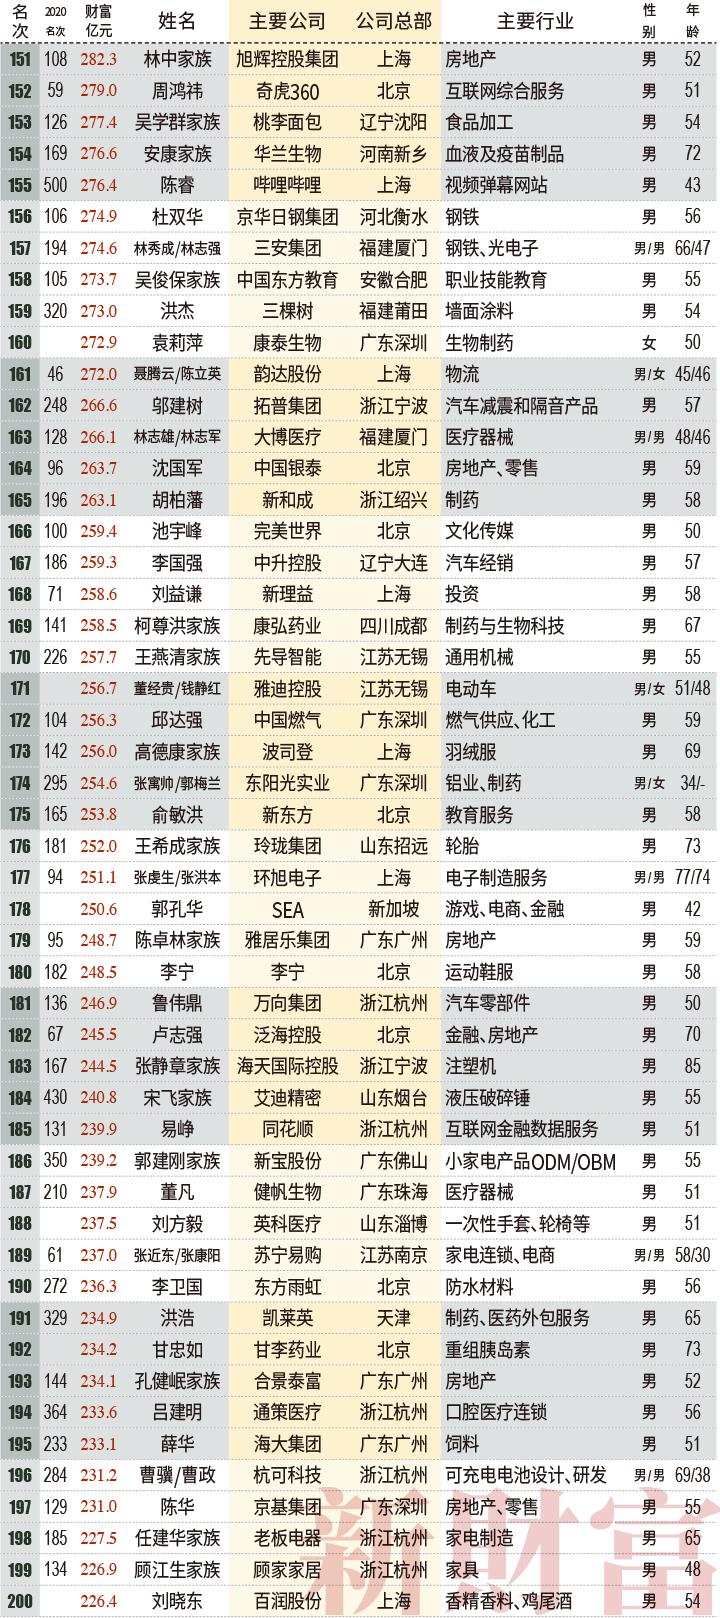 """钟睒睒身家5000亿居首,薇娅90亿登榜,黄峥财富超过""""双马"""""""